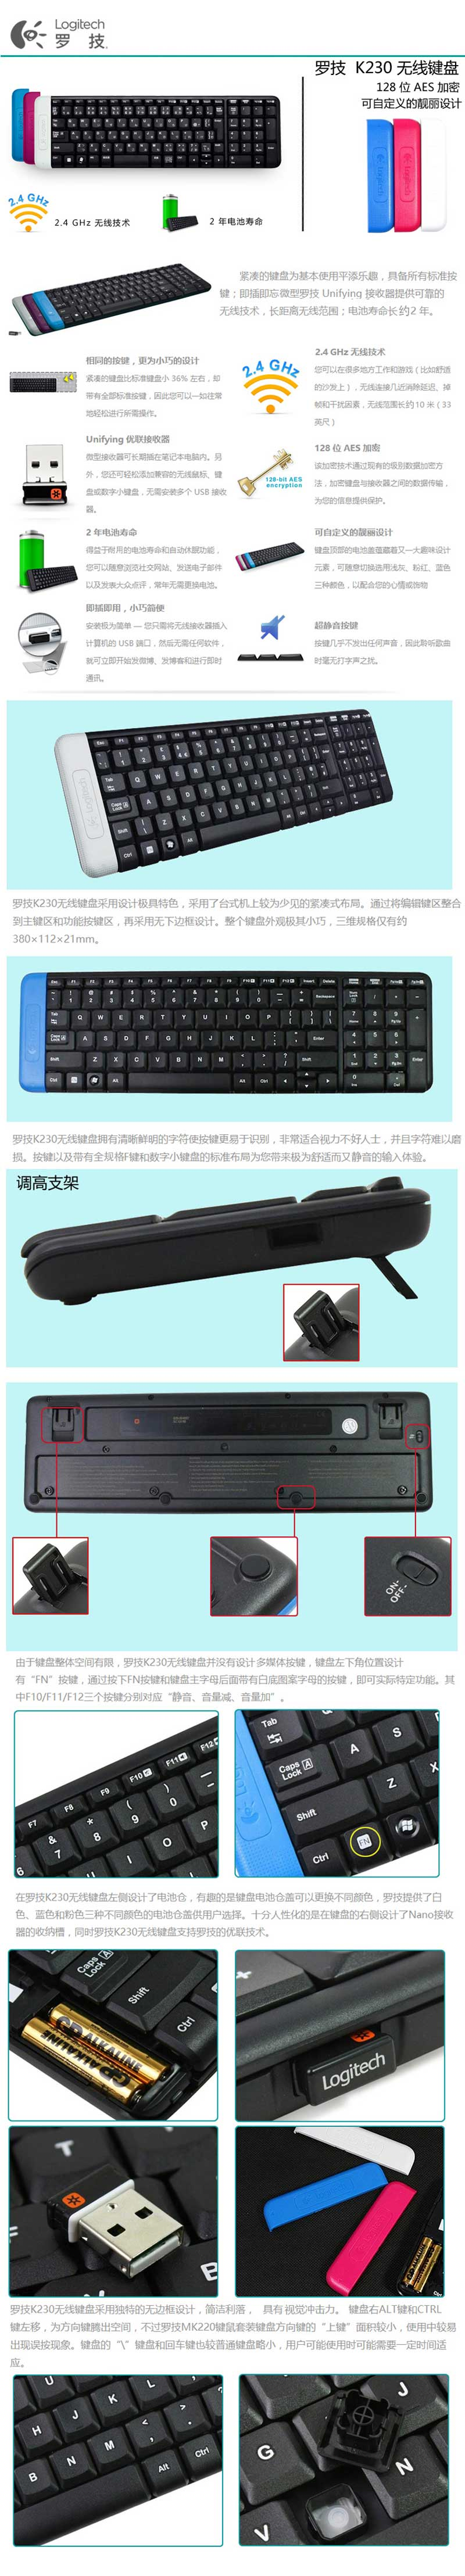 罗技(Logitech) K230无线键盘 台式机笔记本一体机键盘 迷你紧凑型静音无线键盘